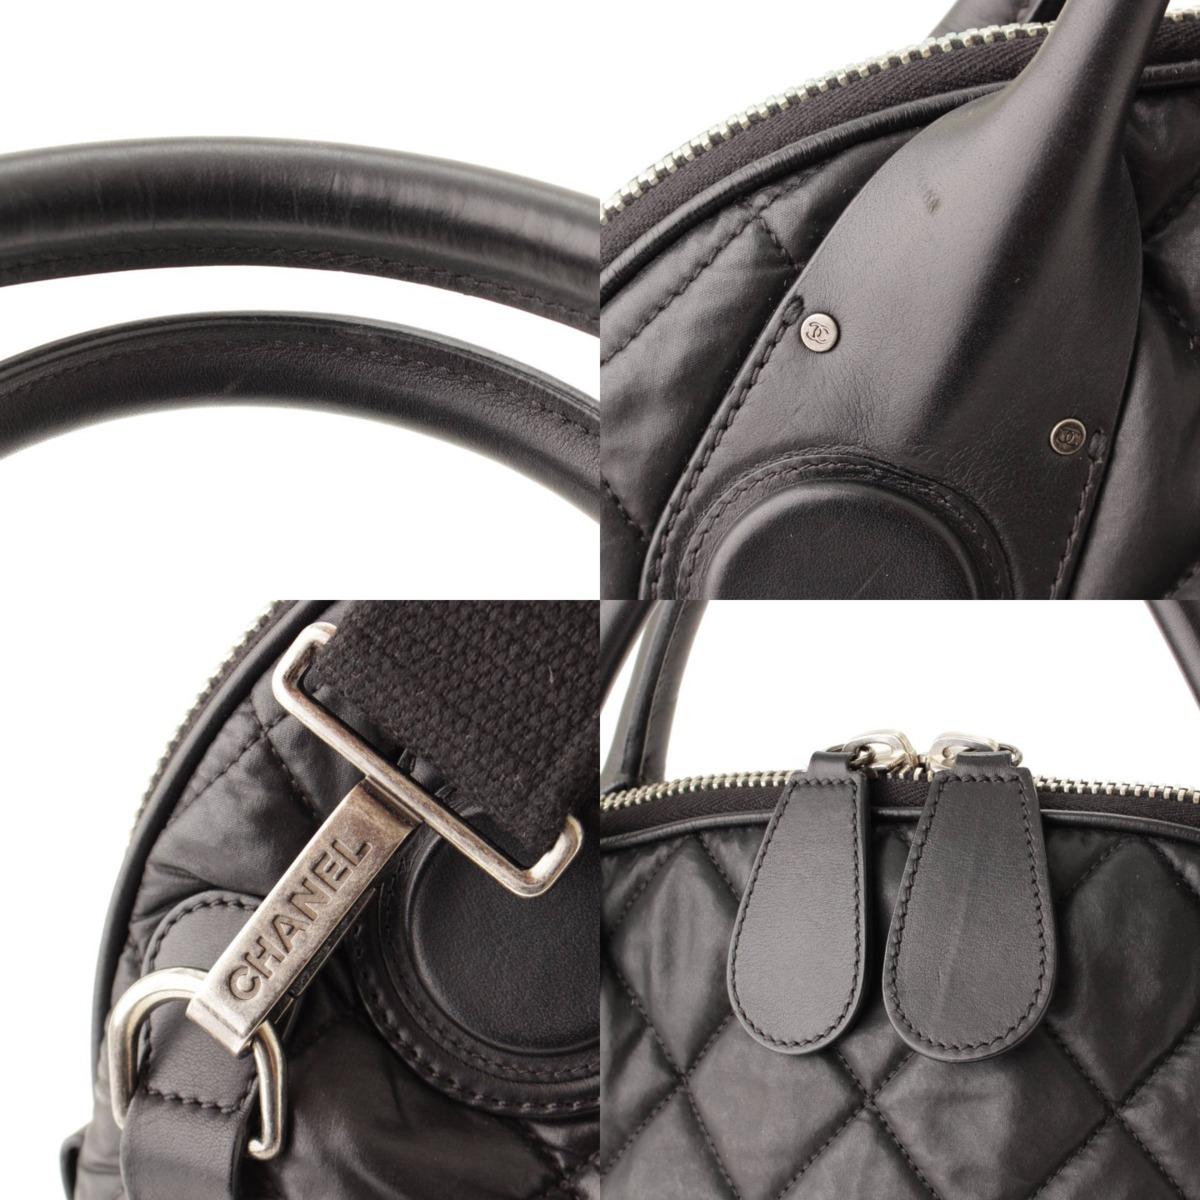 シャネル Chanel マトラッセ ナイロン レザー 2WAY ハンドバッグ A66502 ブラック 15番台鑑定済・正規品保証 83447OXkZPui